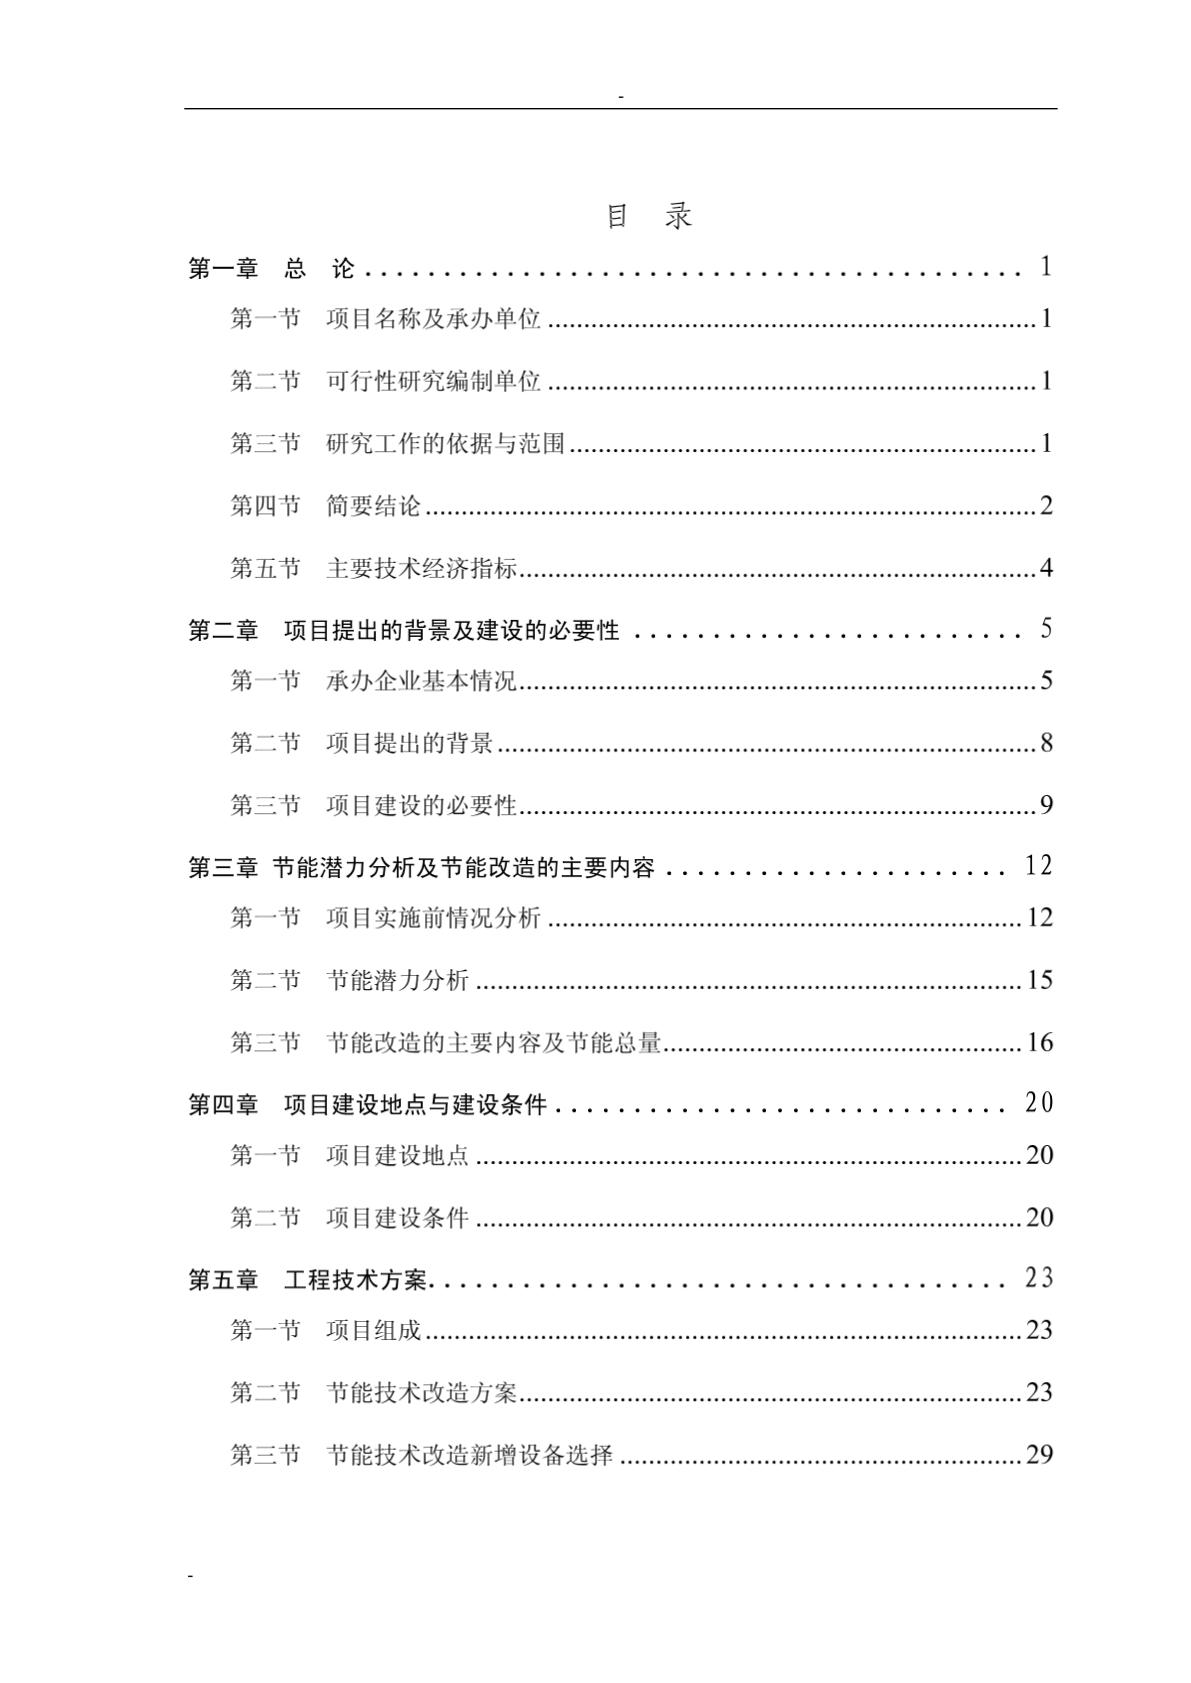 某某碳素有限公司铝电解预焙阳极生产线节能技术改造项目可行性研究报告-优秀甲级资质页可研报告图片1